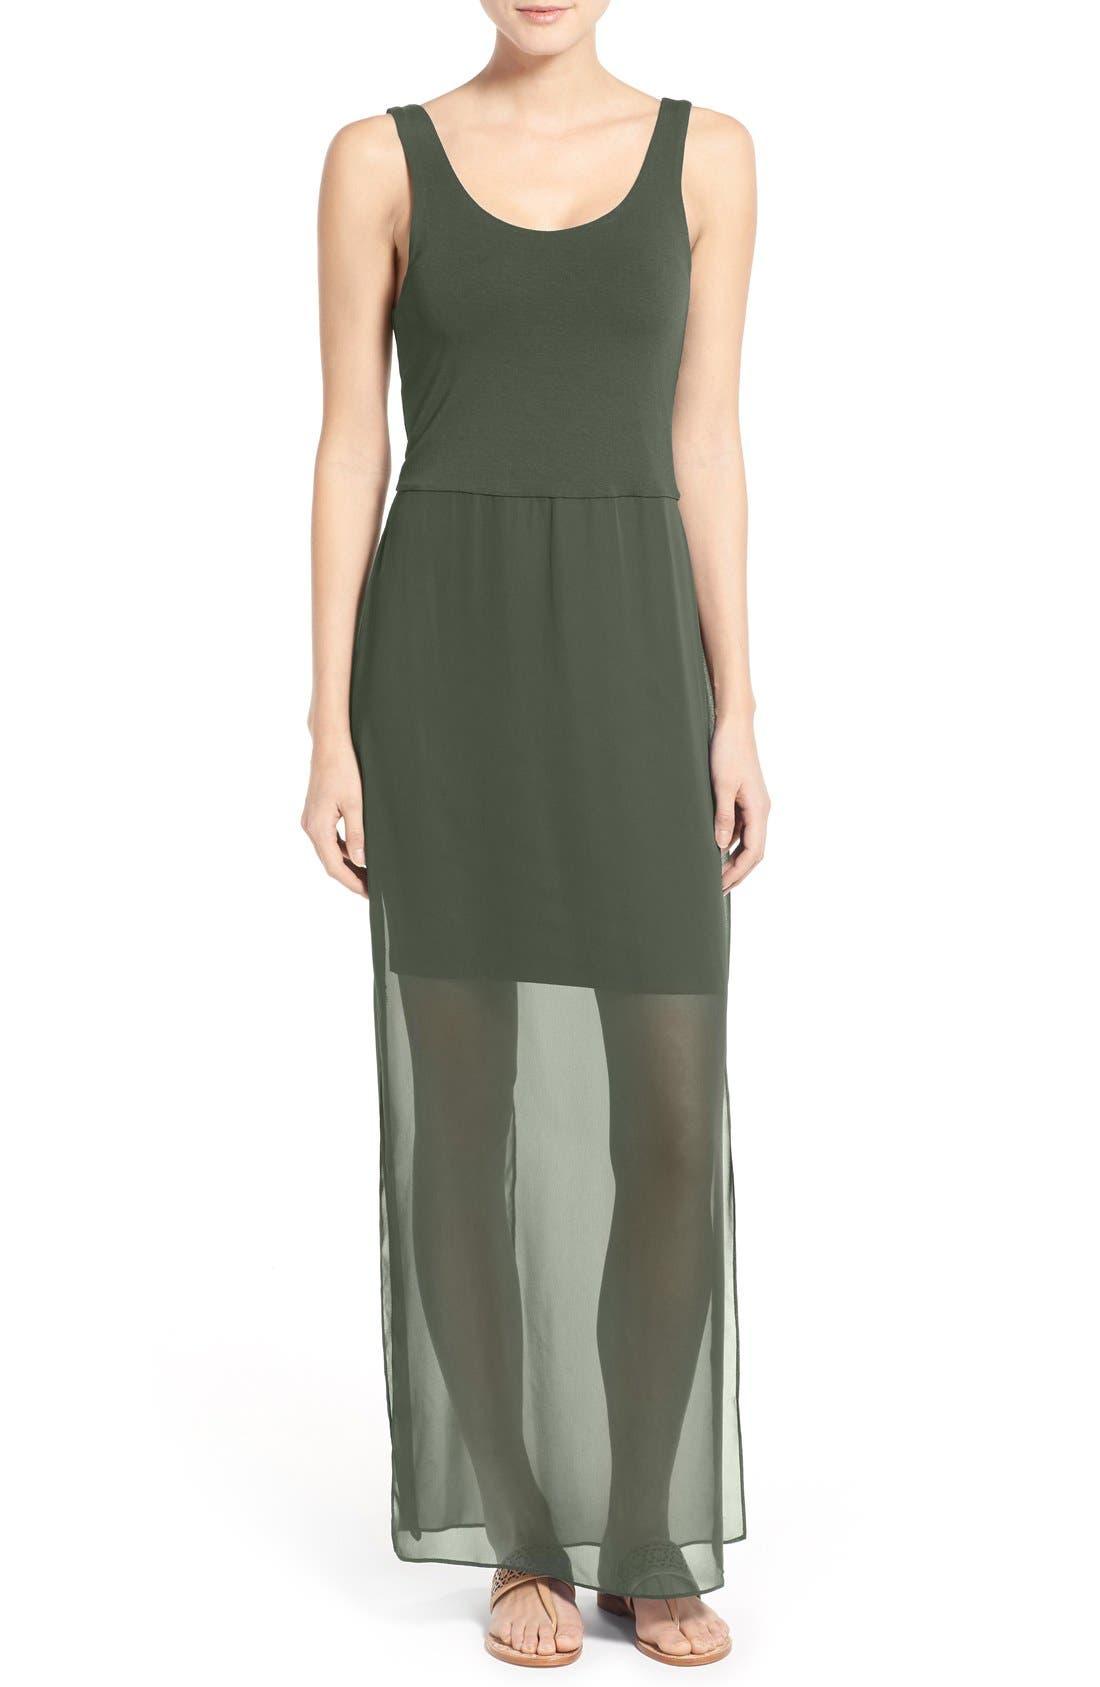 Vince Camuto Chiffon Overlay Tank Dress (Petite)